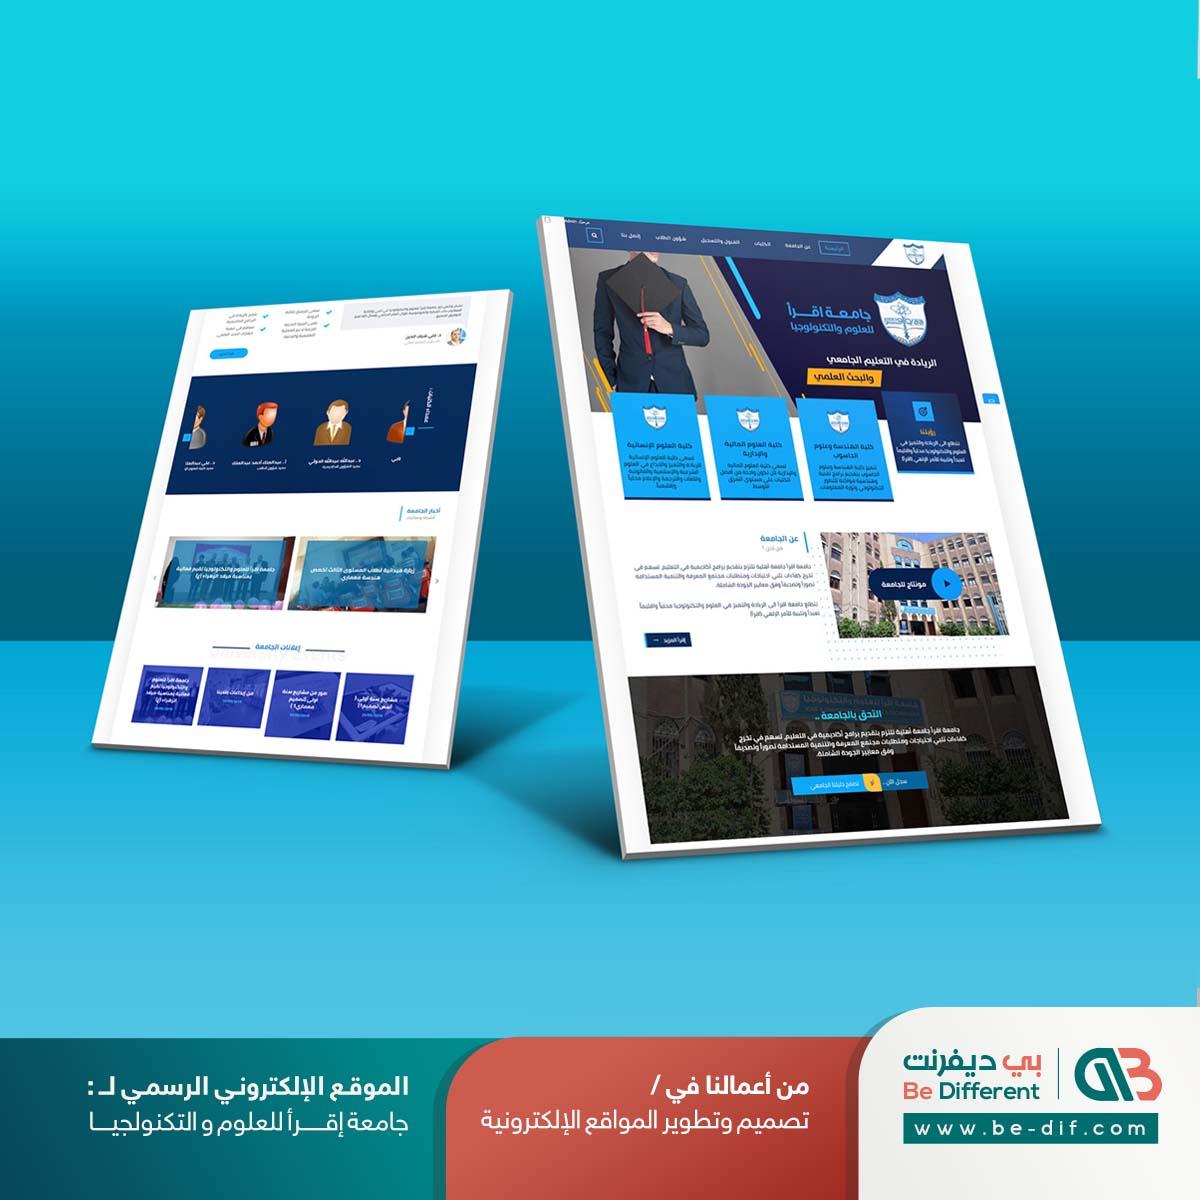 تصميم موقع الكتروني جامعة إقرأ - شركة بي ديفرنت تصميم مواقع ويب